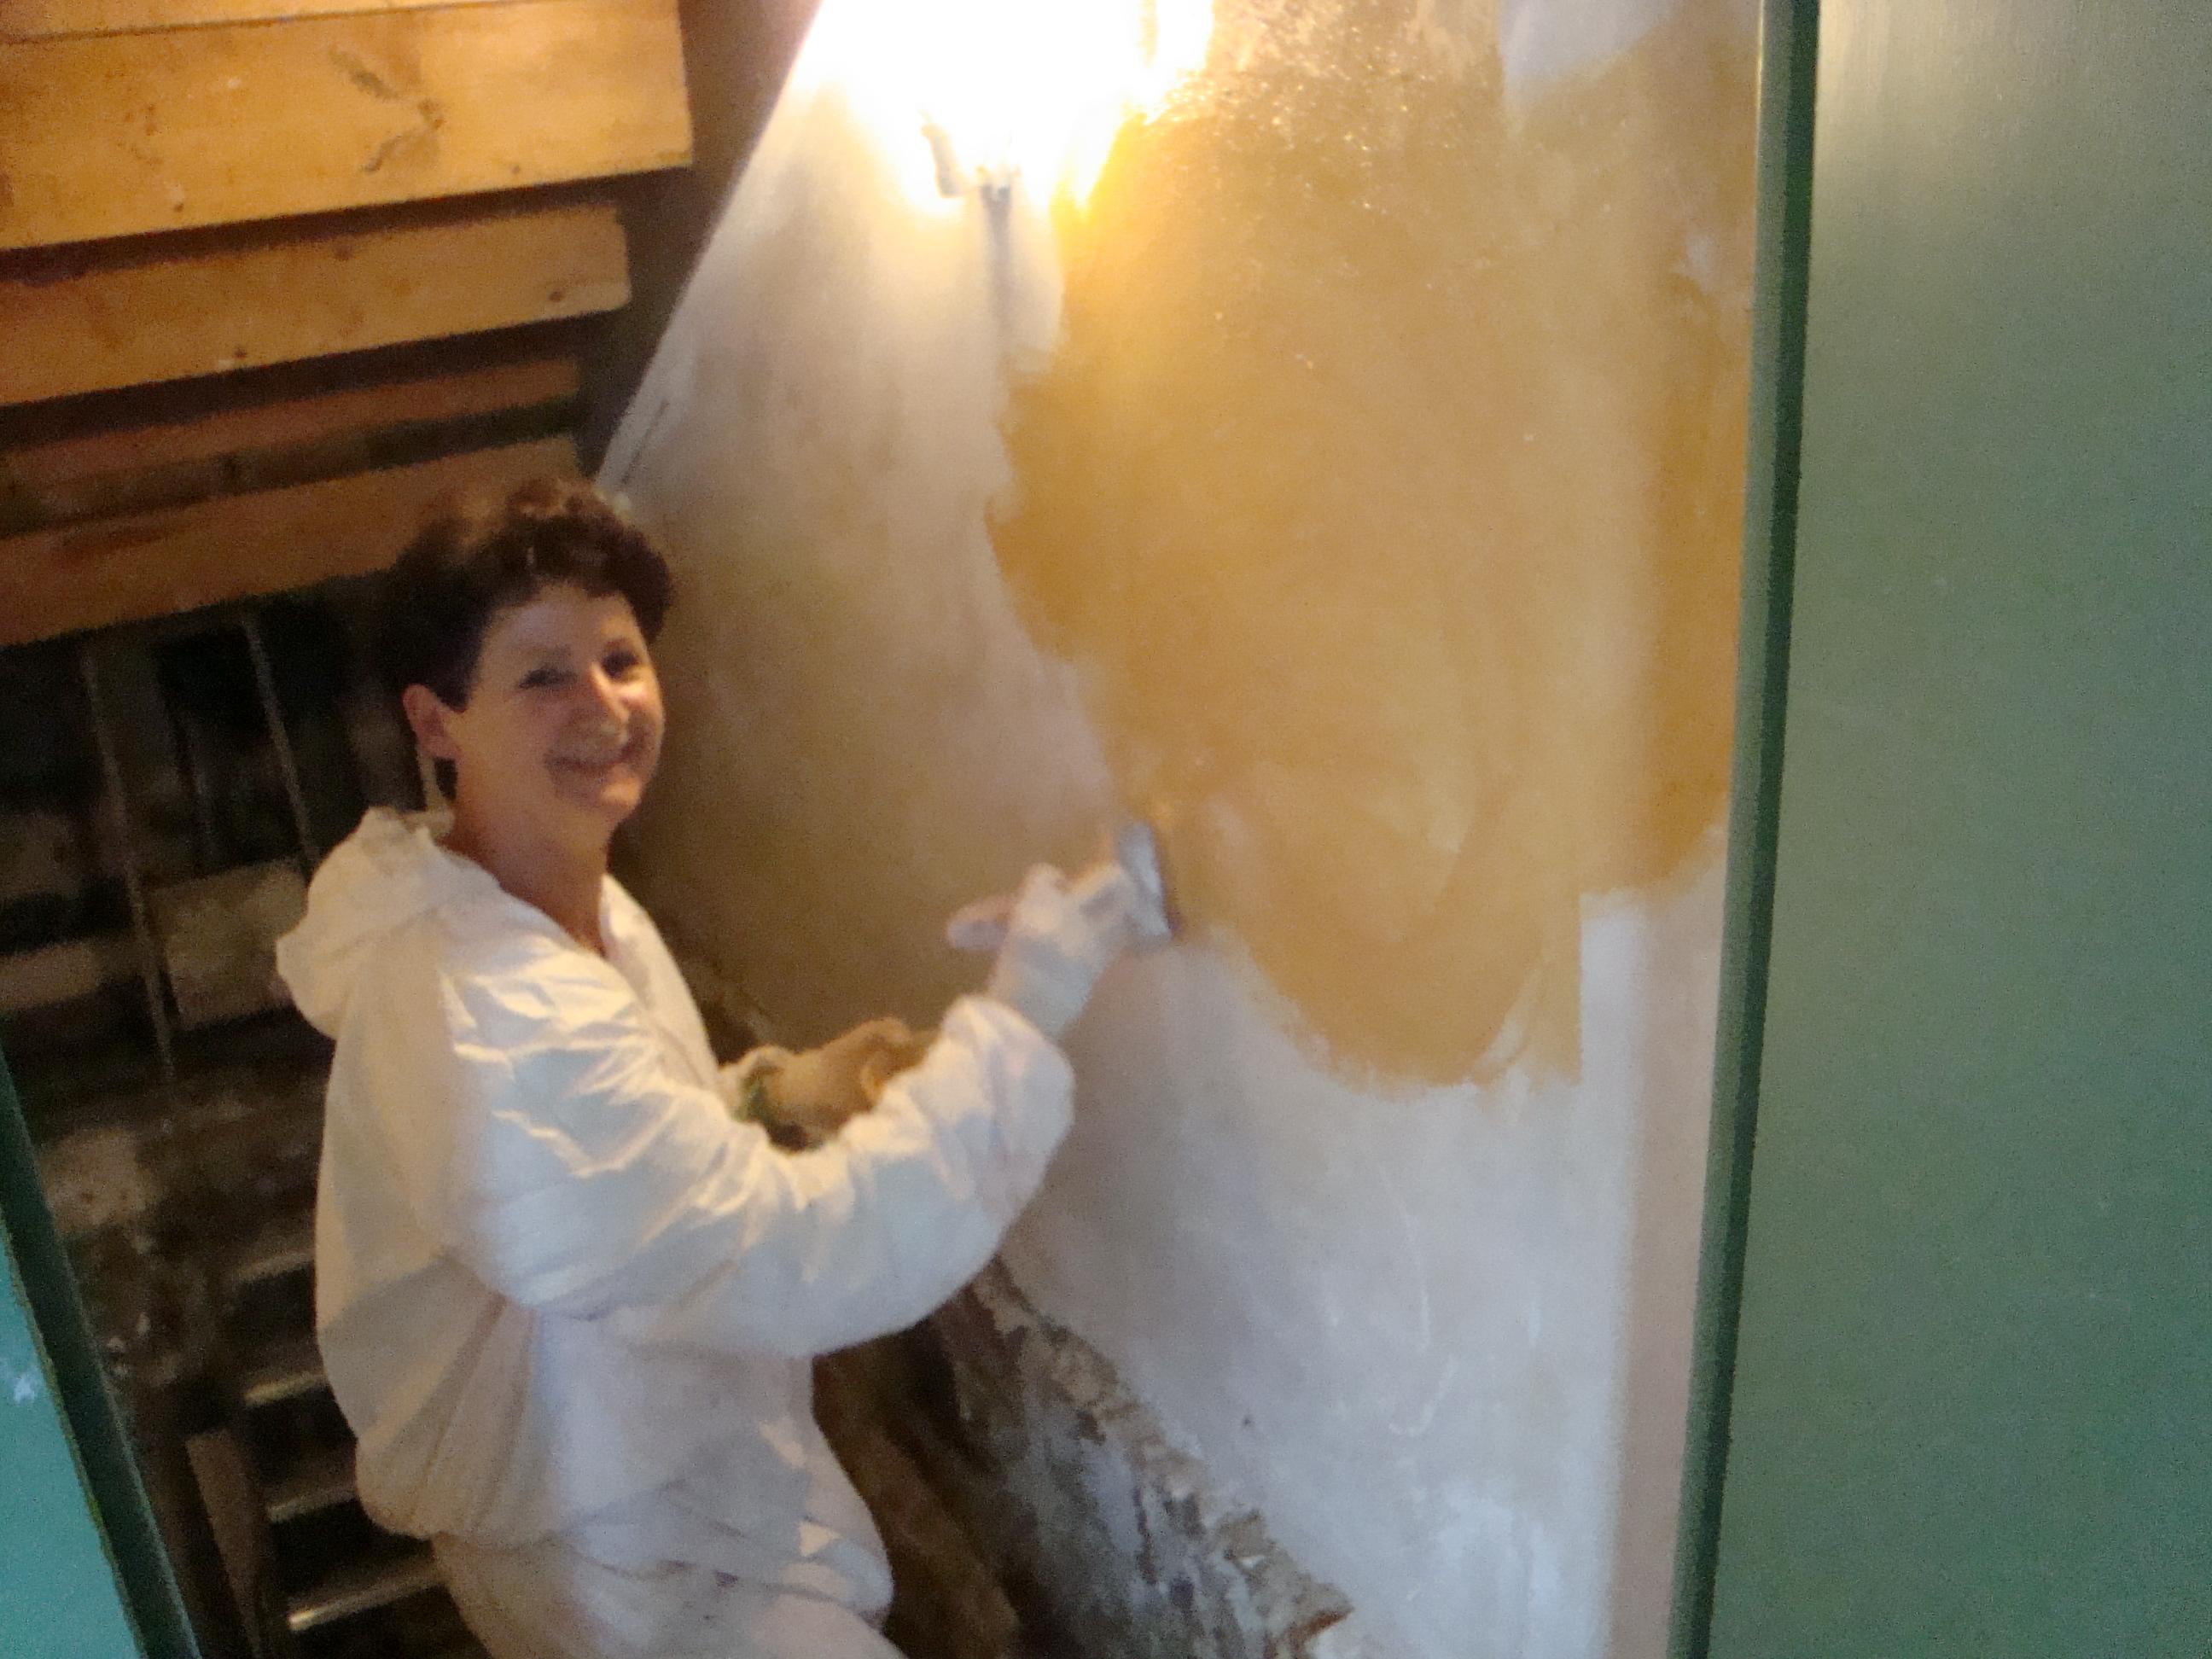 Parfait Stage De Peinture Et Enduits à La Chaux Le10 Novembre à Carantec